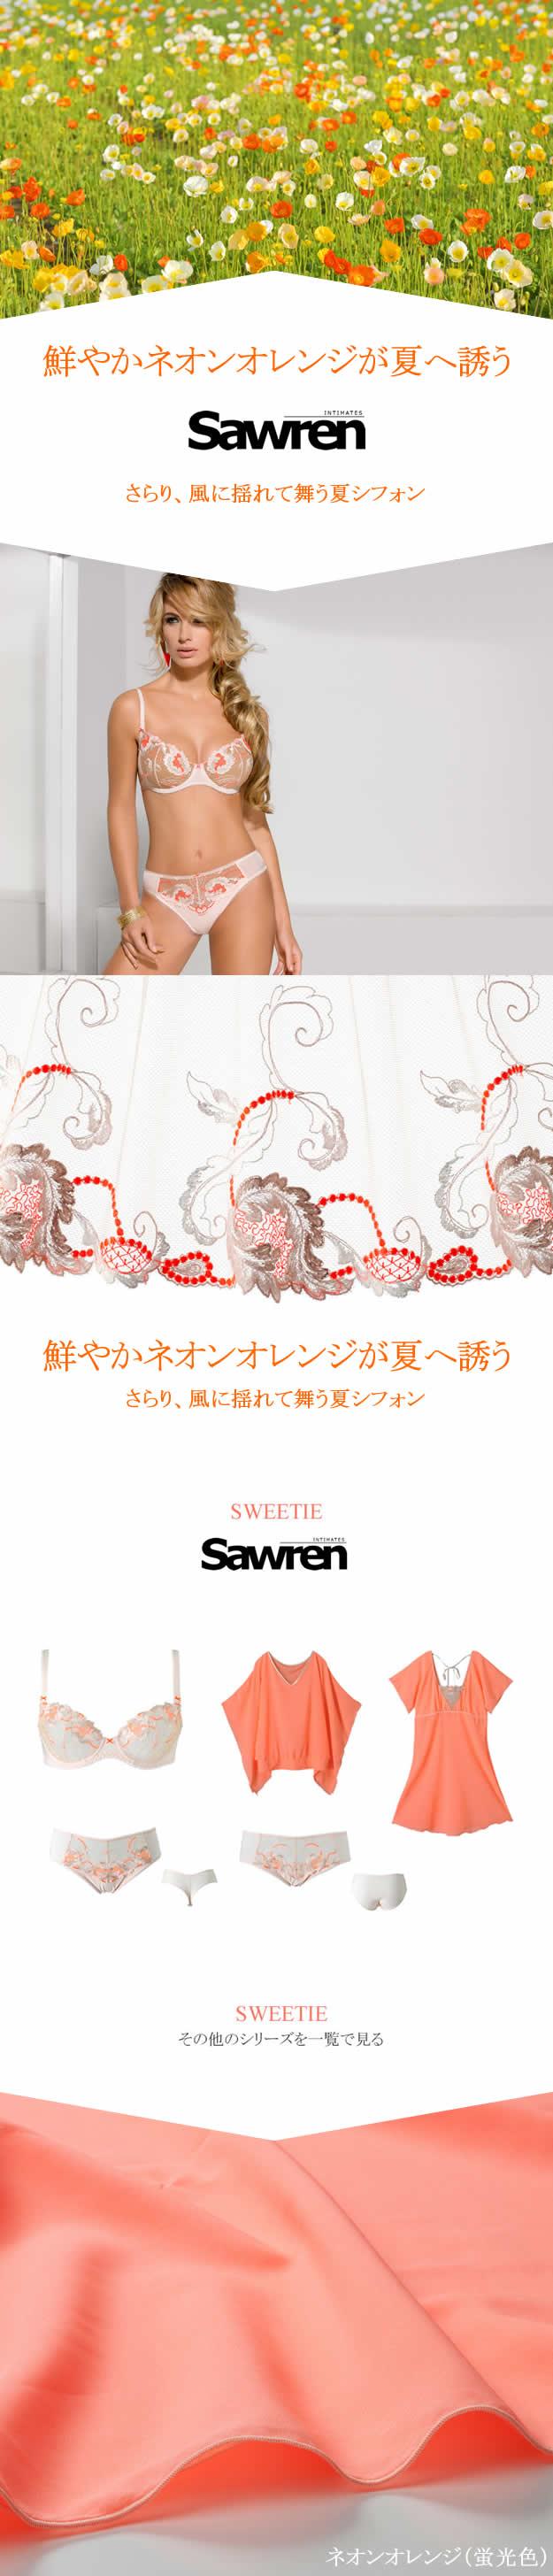 Sawren Sweetie